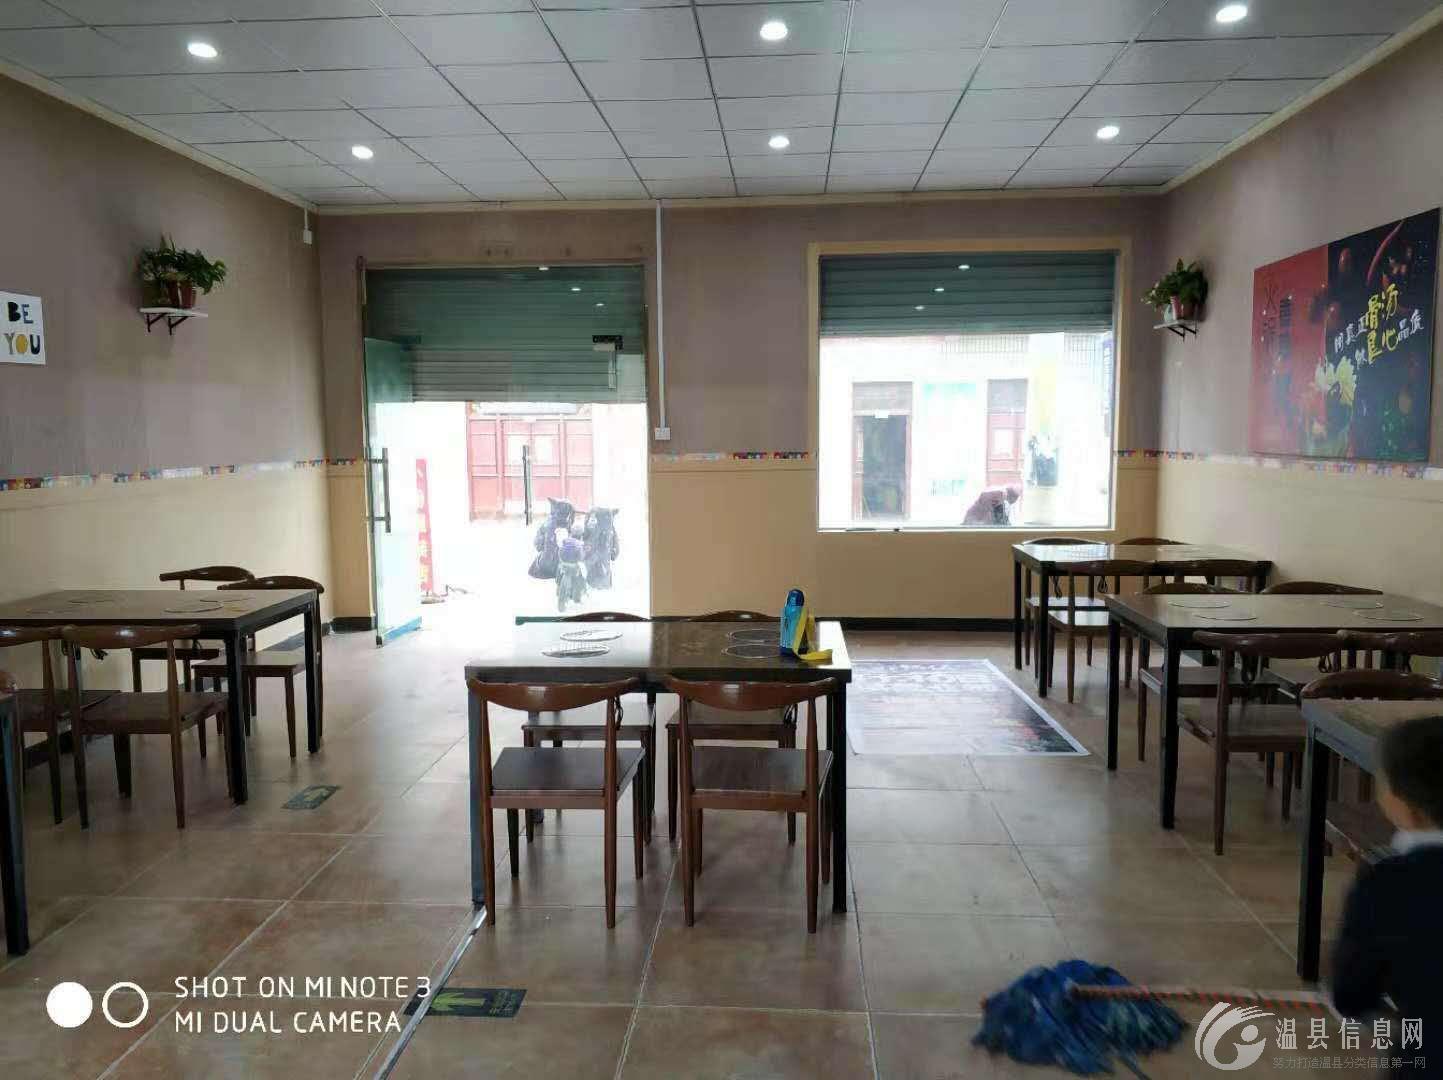 林召大街火锅店整体超低价转让!!单人单锅,干净卫生